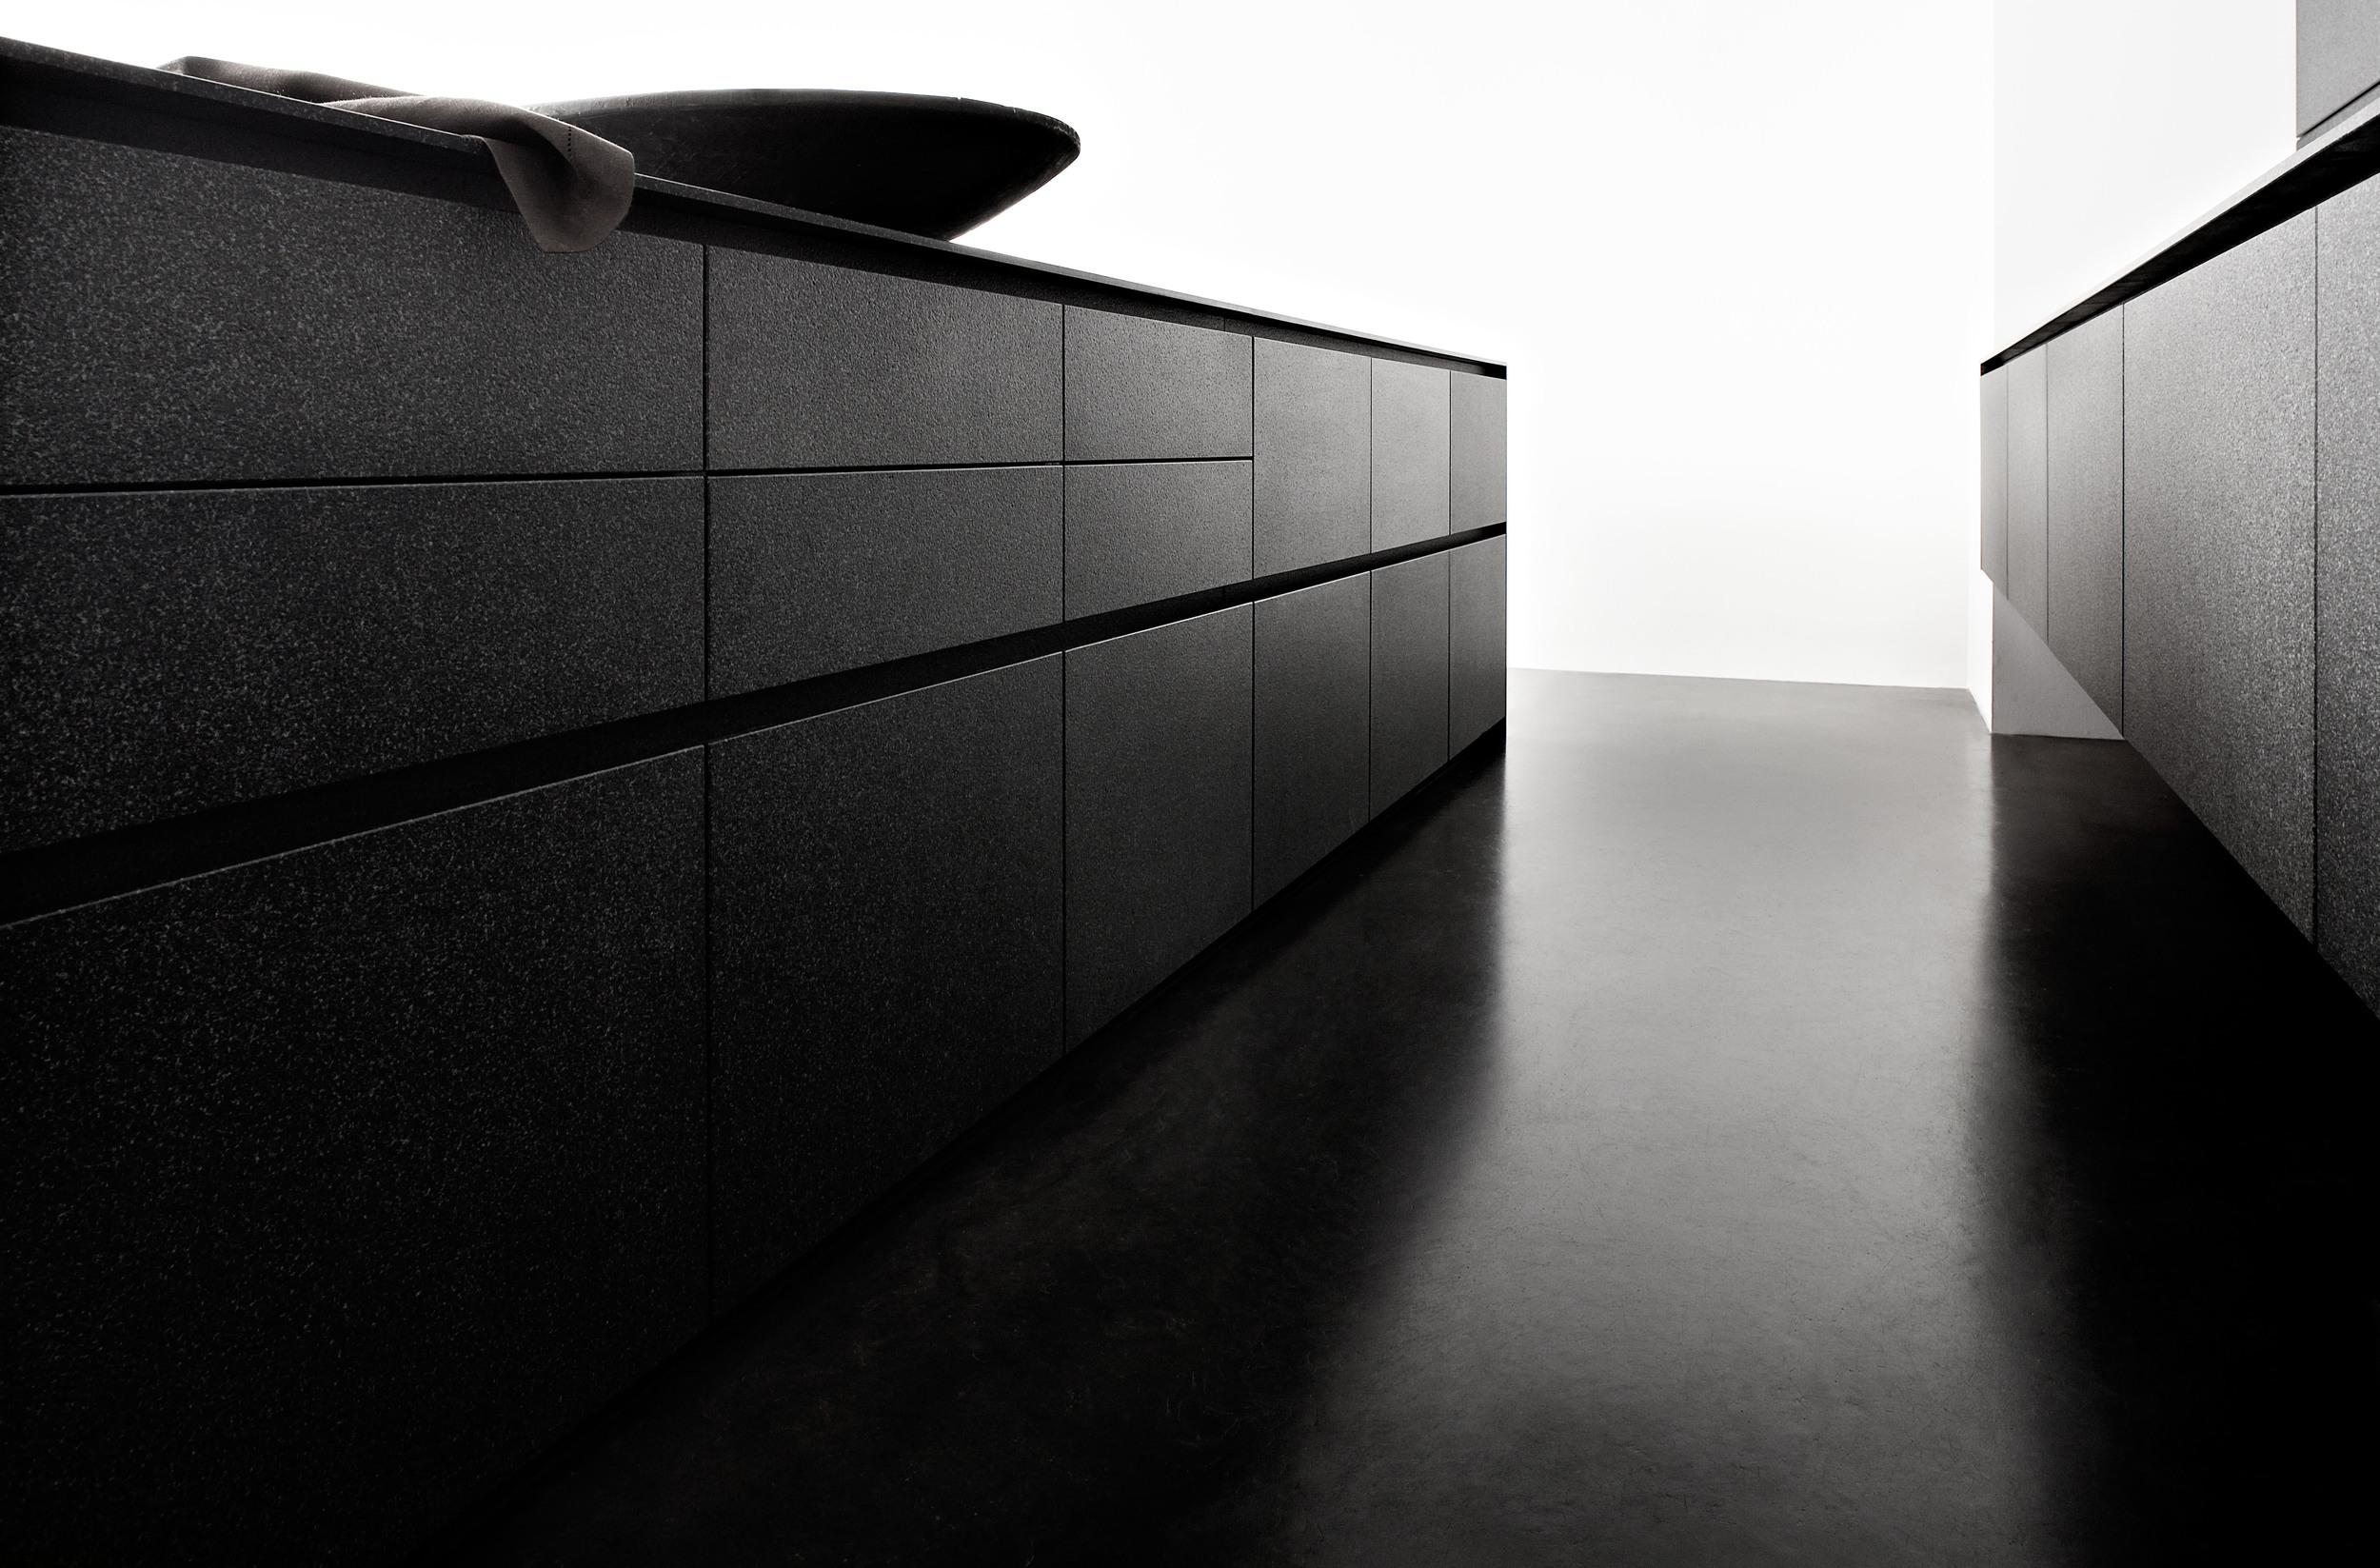 vulcano_black_k02_02.jpg